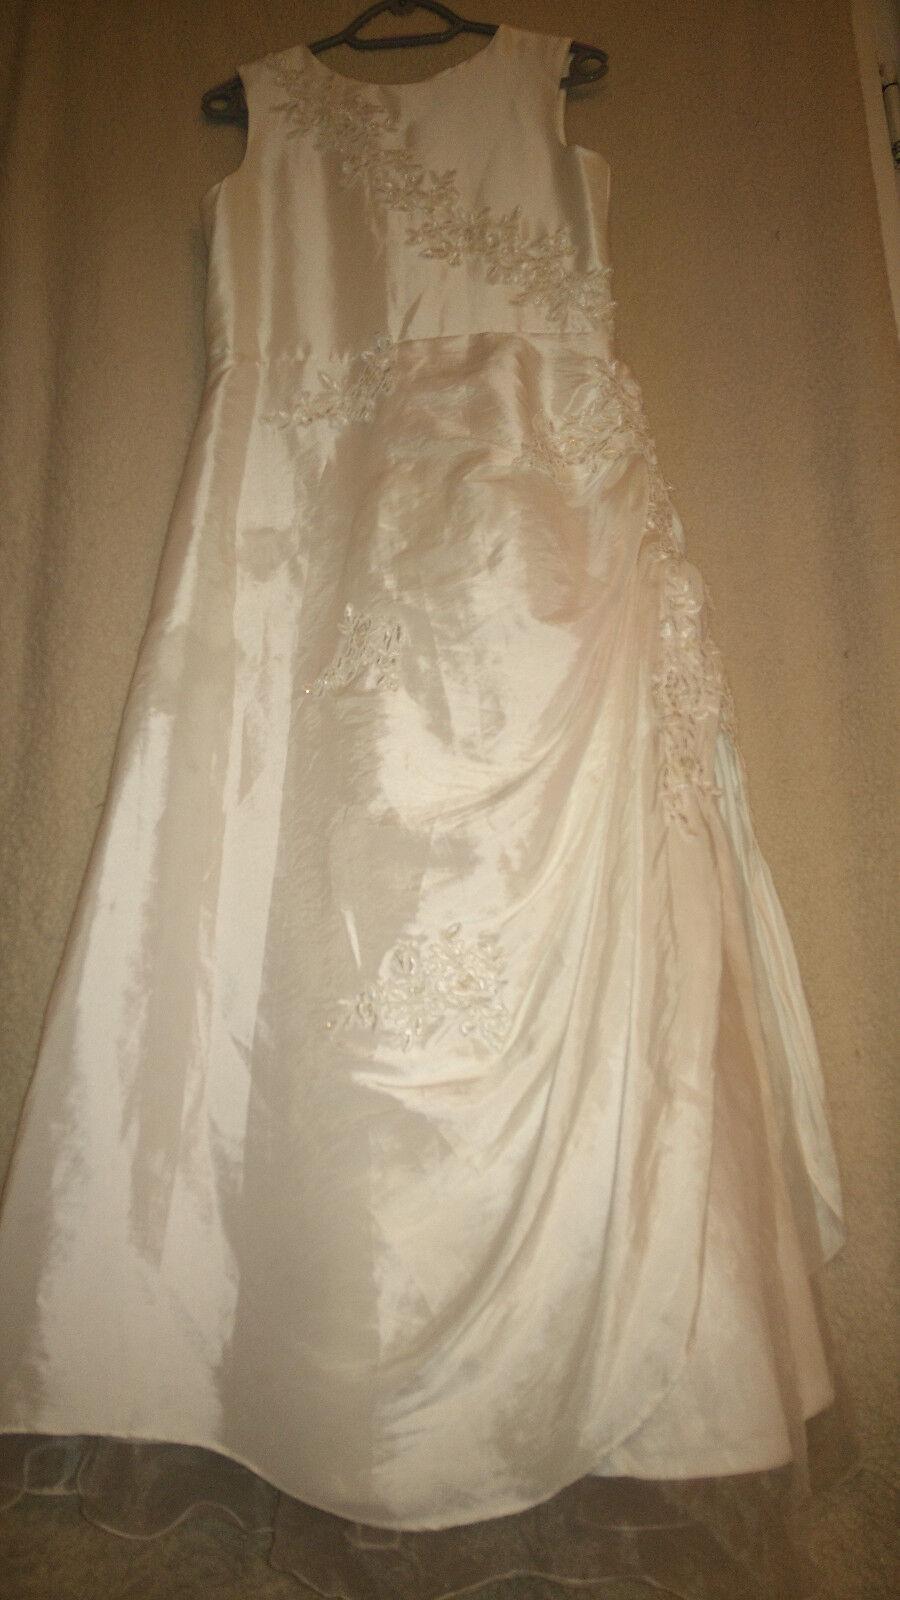 Gr. 36 38 Hochzeit Ball Kleid Prinzesin weiß schön Maße beachten